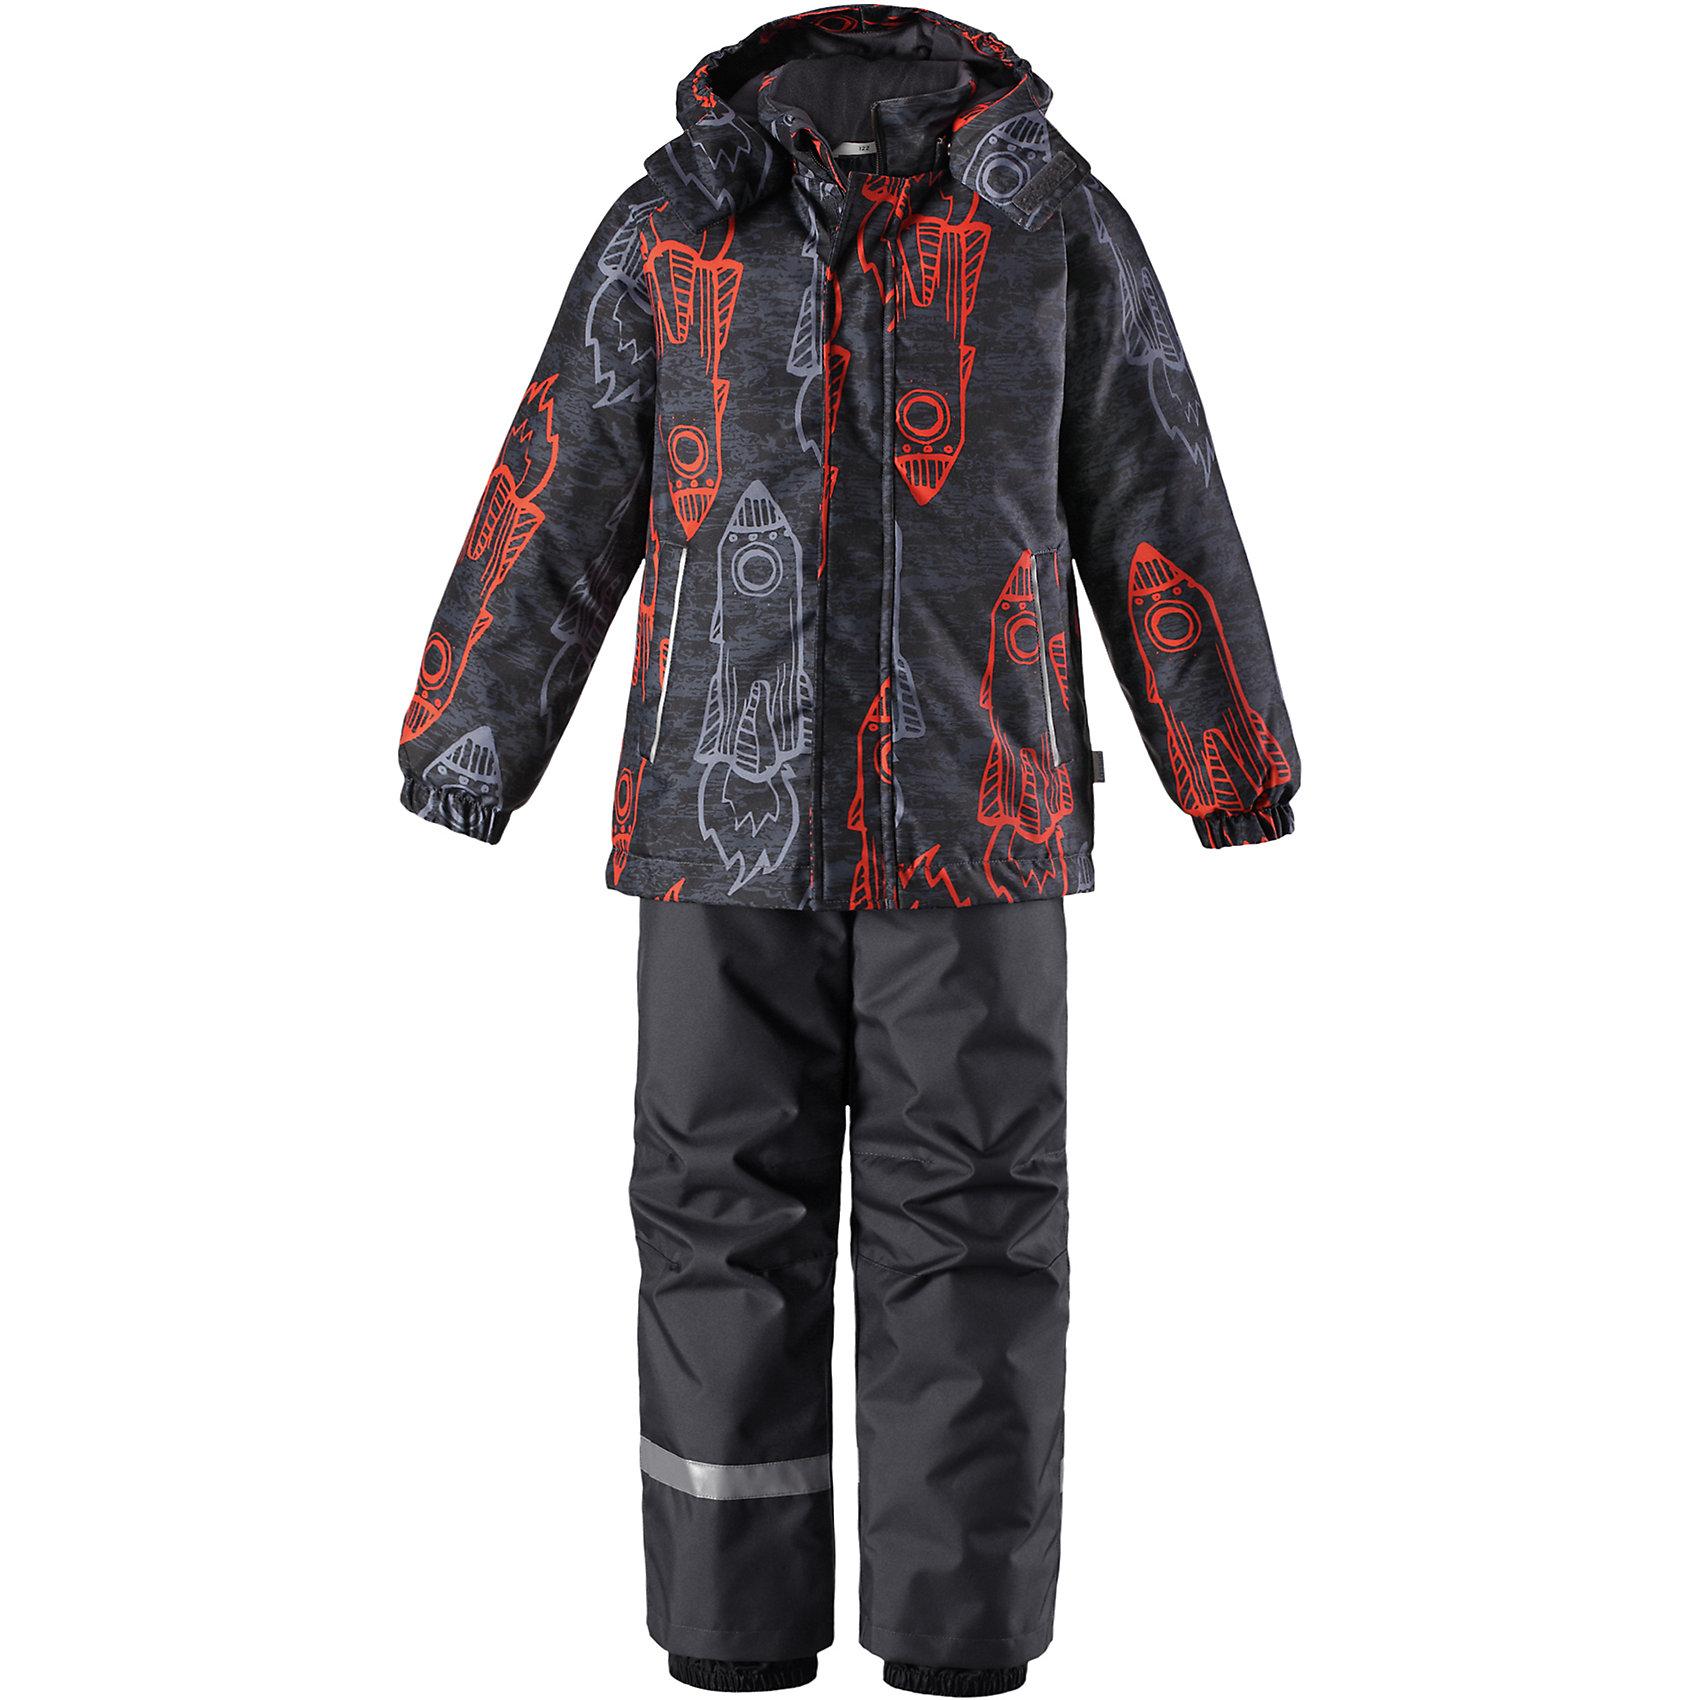 Комплект Lassie для мальчикаОдежда<br>Характеристики товара:<br><br>• цвет: серый/оранжевый;<br>• состав: 100% полиэстер, полиуретановое покрытие;<br>• подкладка: 100% полиэстер;<br>• утеплитель: куртка 180 г/м2, брюки 100 г/м2;<br>• сезон: зима;<br>• температурный режим: от 0 до -20С;<br>• водонепроницаемость: 1000 мм;<br>• воздухопроницаемость: 1000 мм;<br>• износостойкость: 50000 циклов (тест Мартиндейла);<br>• застежка: куртка на молнии, брюки молнии и пуговице;<br>• водоотталкивающий, ветронепроницаемый и дышащий материал;<br>• гладкая подкладка из полиэстера; <br>• безопасный съемный капюшон;<br>• эластичные манжеты; <br>• снегозащитные манжеты на штанинах;<br>• эластичная талия;<br>• регулируемый подол;<br>• регулируемые и отстегивающиеся эластичные подтяжки;<br>• два кармана на молнии;<br>• светоотражающие детали;<br>• страна бренда: Финляндия;<br>• страна изготовитель: Китай;<br><br>Этот очень теплый детский зимний комплект имеет множество продуманных  функциональных деталей. Куртка снабжена безопасным съемным капюшоном, который защищает щечки от морозного ветра. Регулируемый подол позволяет откорректировать куртку по фигуре и обеспечивает дополнительную защиту. Защита от снега на концах брючин помогает ножкам оставаться сухими и теплыми. <br><br>Брюки изготовлены из сверхпрочного материала и идеально подходят для активных зимних игр на свежем воздухе или катания на лыжах. Удобная молния спереди облегчает надевание, а съемные регулируемые подтяжки позволяют откорректировать брюки идеально по размеру. Безопасный съемный капюшон и яркая расцветка завершают образ.<br><br>Комплект Lassie (Ласси) для мальчика можно купить в нашем интернет-магазине.<br><br>Ширина мм: 356<br>Глубина мм: 10<br>Высота мм: 245<br>Вес г: 519<br>Цвет: серый/оранжевый<br>Возраст от месяцев: 108<br>Возраст до месяцев: 120<br>Пол: Мужской<br>Возраст: Детский<br>Размер: 98,140,92,104,110,116,122,128,134<br>SKU: 6927881